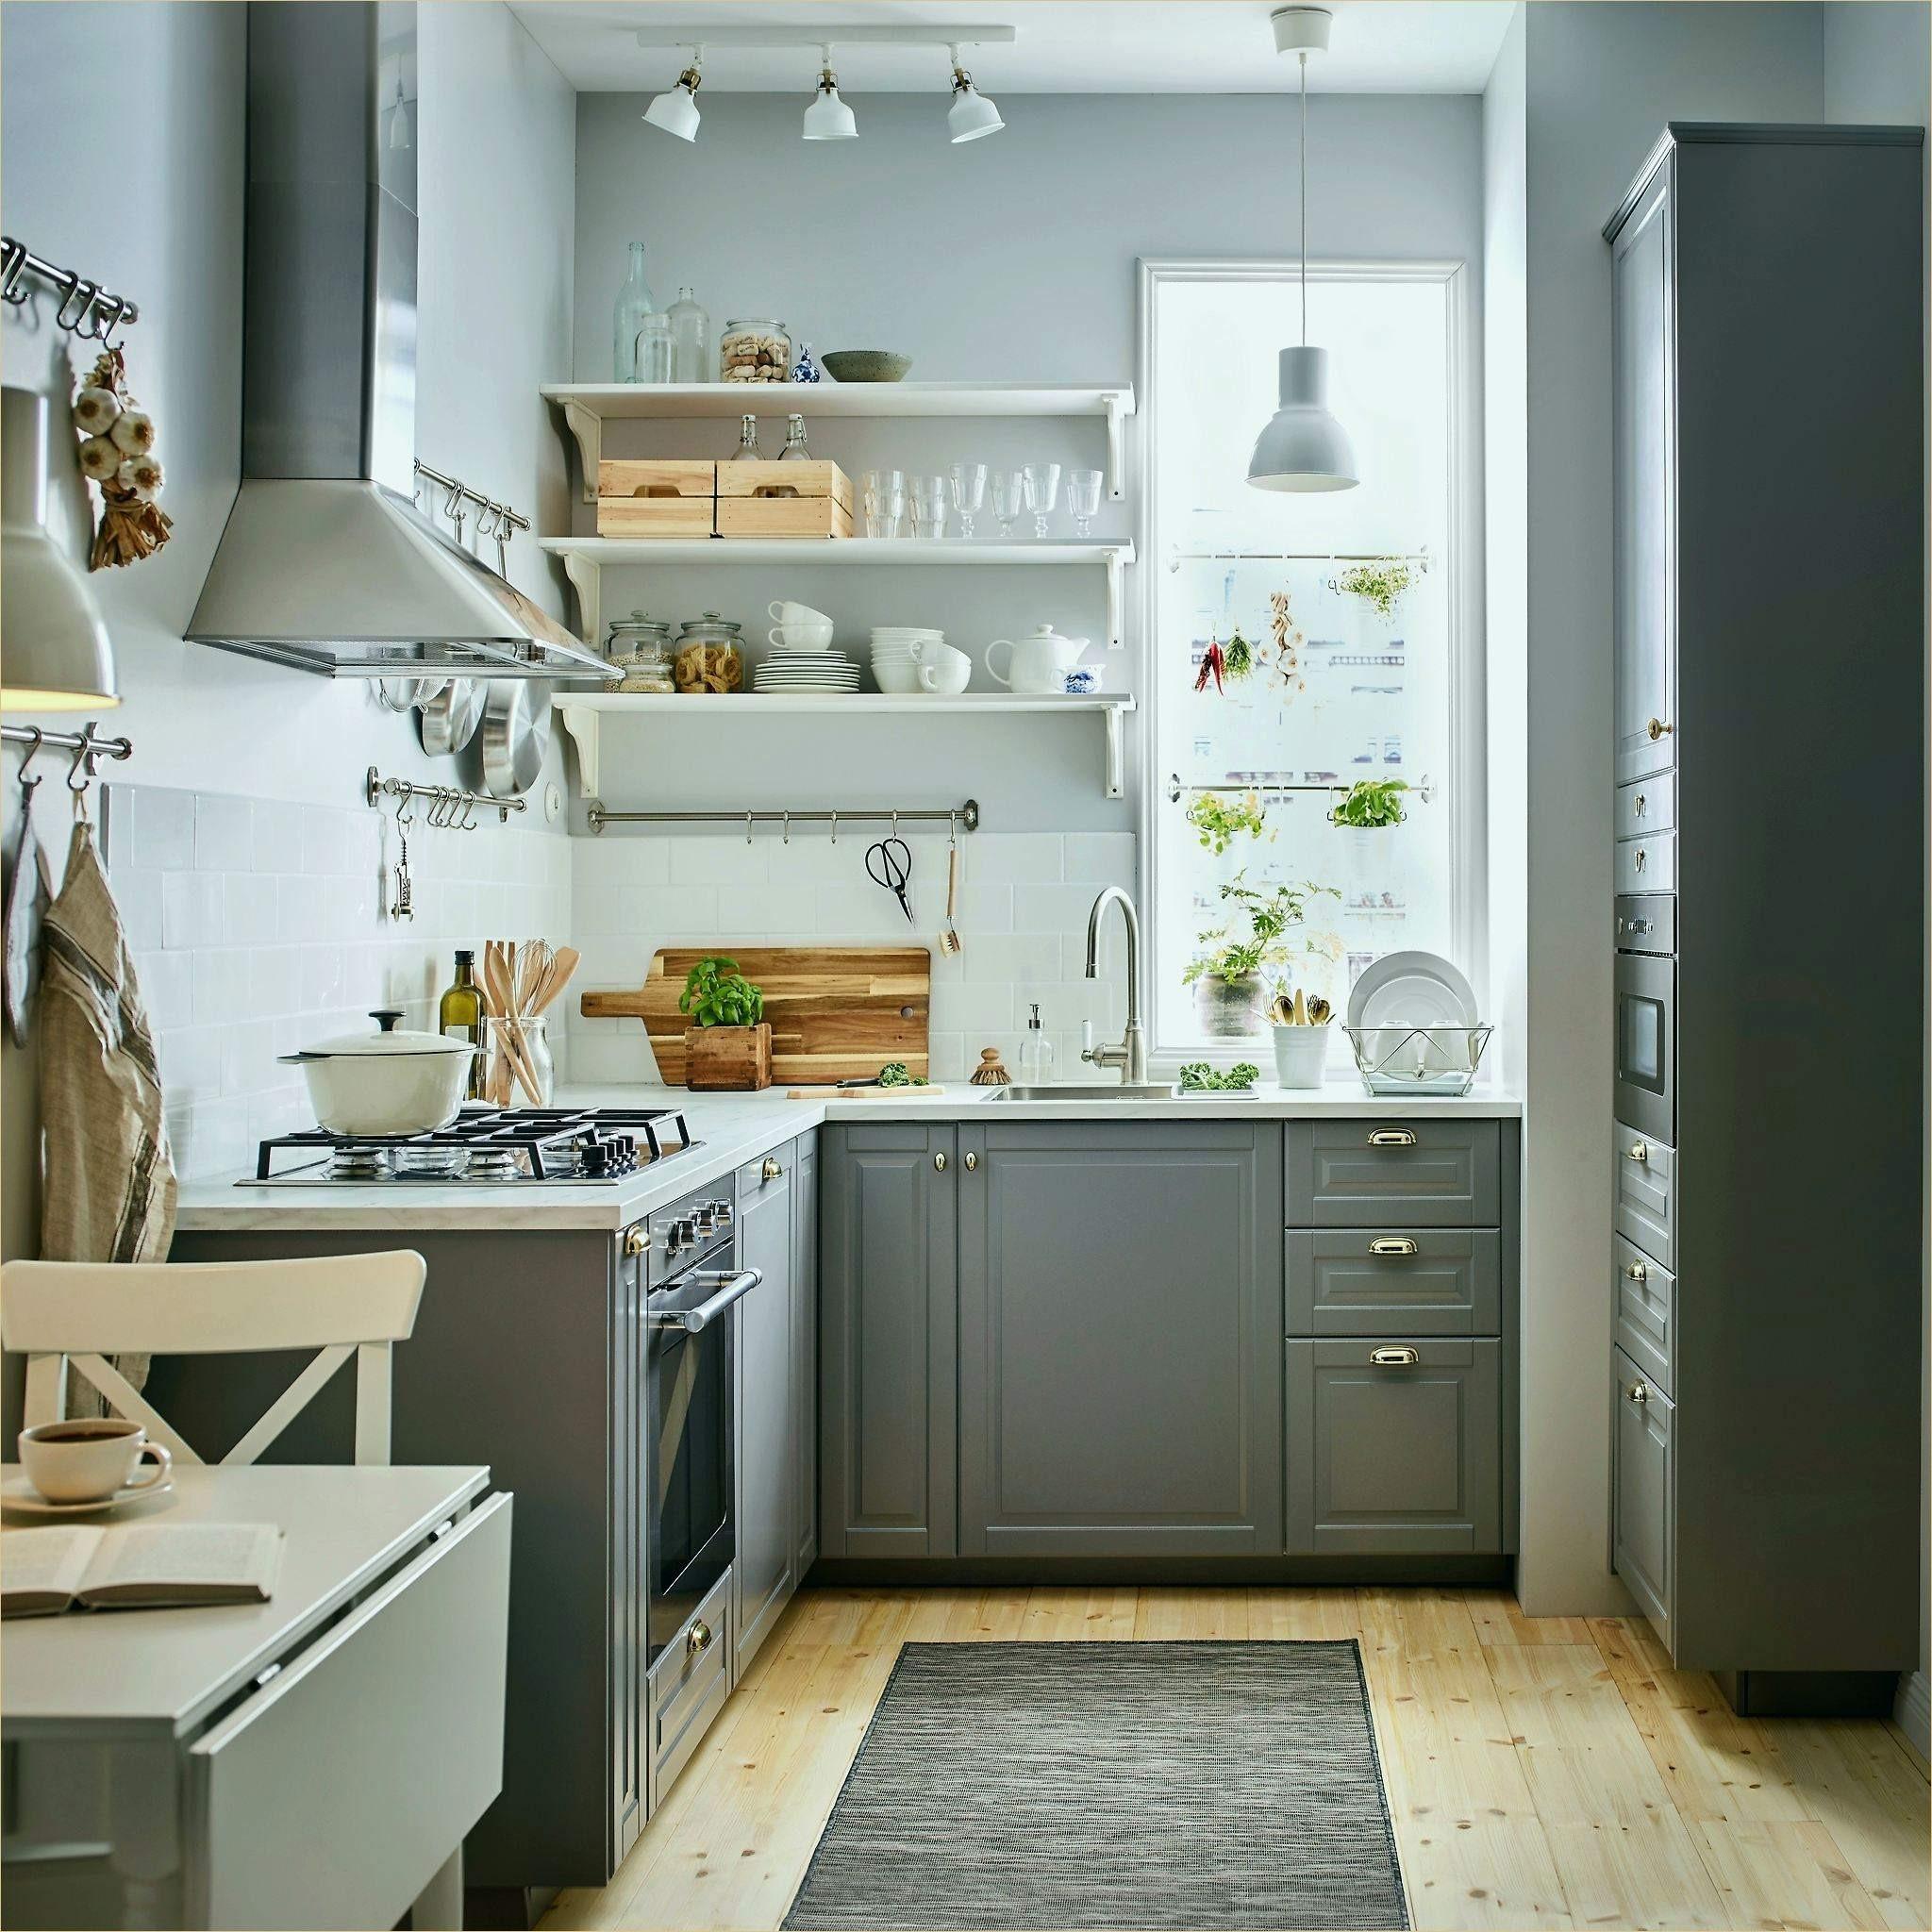 Brise Bise Ikea Meilleur De Stock Ilot De Cuisine Ikea Impressionnant 25 Luxe Installation Cuisine